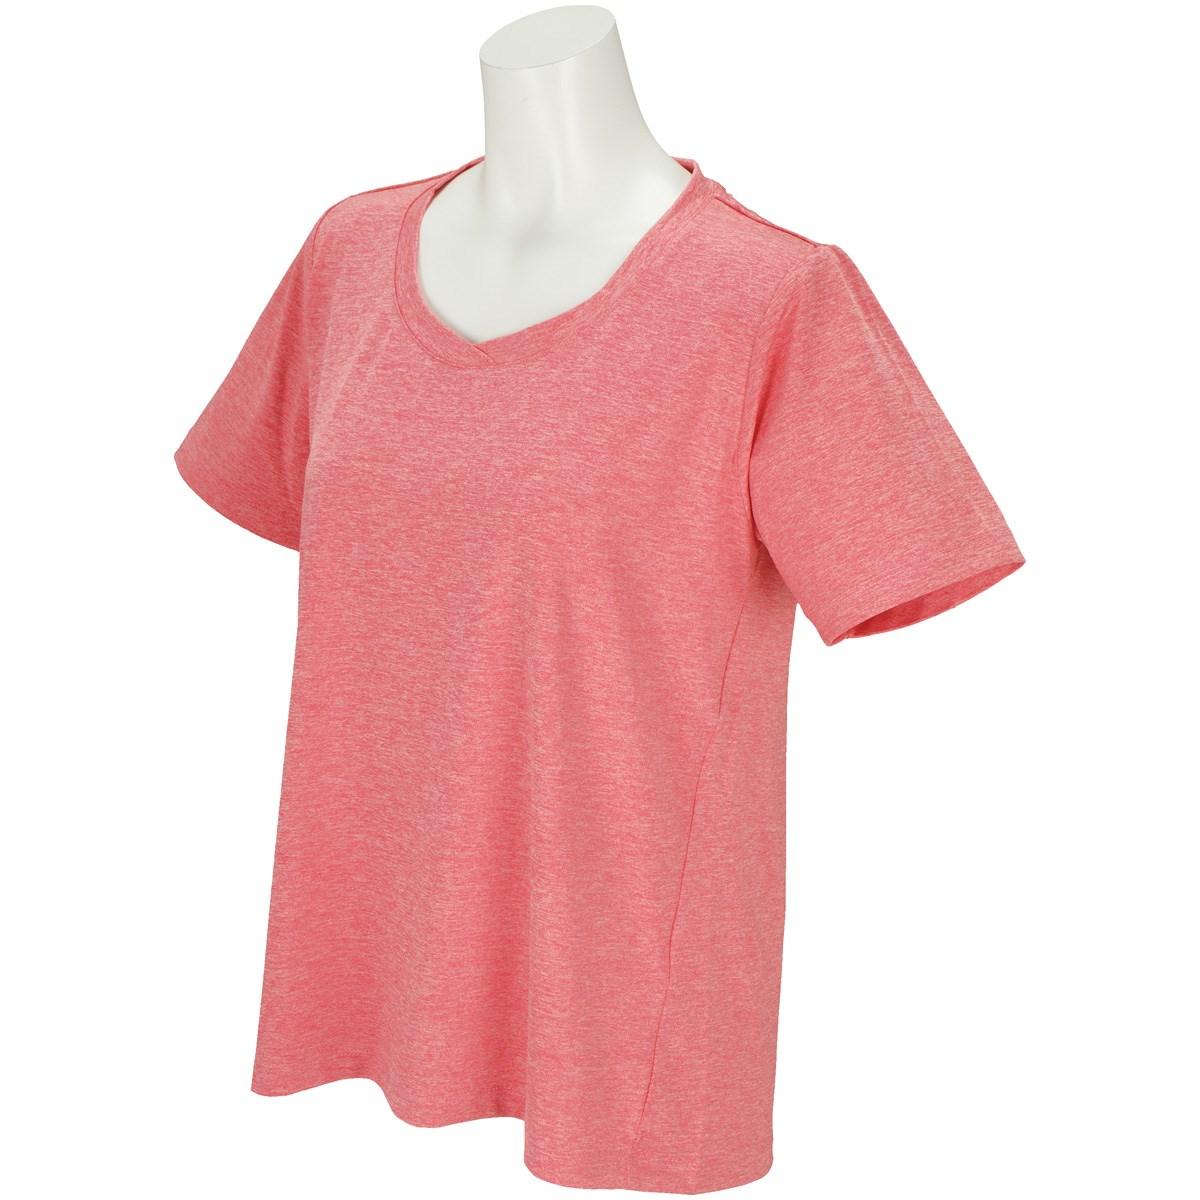 ボディグローブ BODY GLOBE ストレッチ デザイン半袖Tシャツ M ピンク レディス